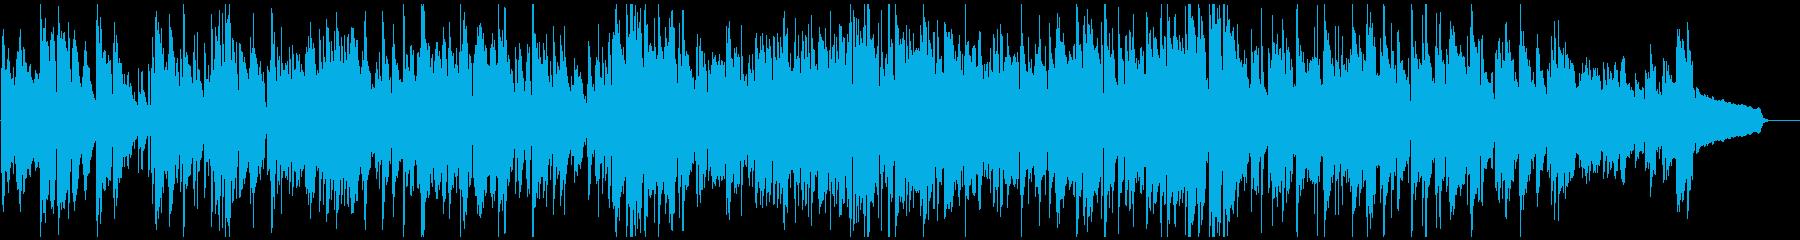 メロディアスおしゃれボサノバ、サックスの再生済みの波形